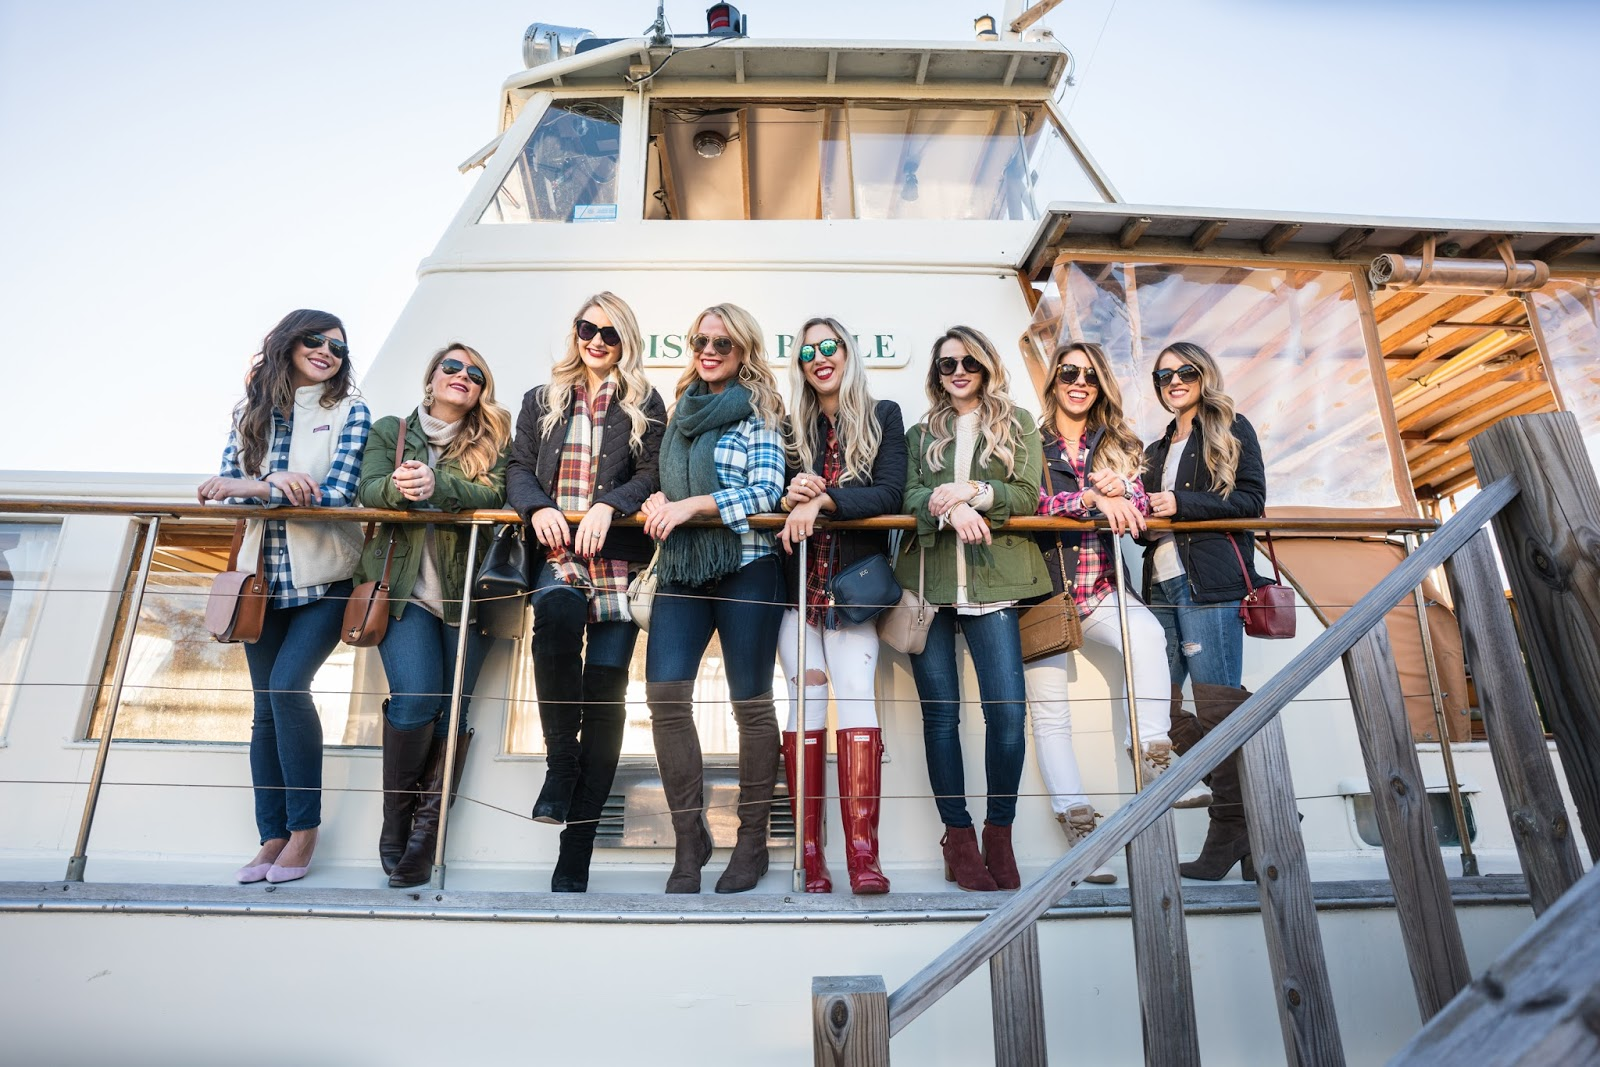 Sea Island boat cruise